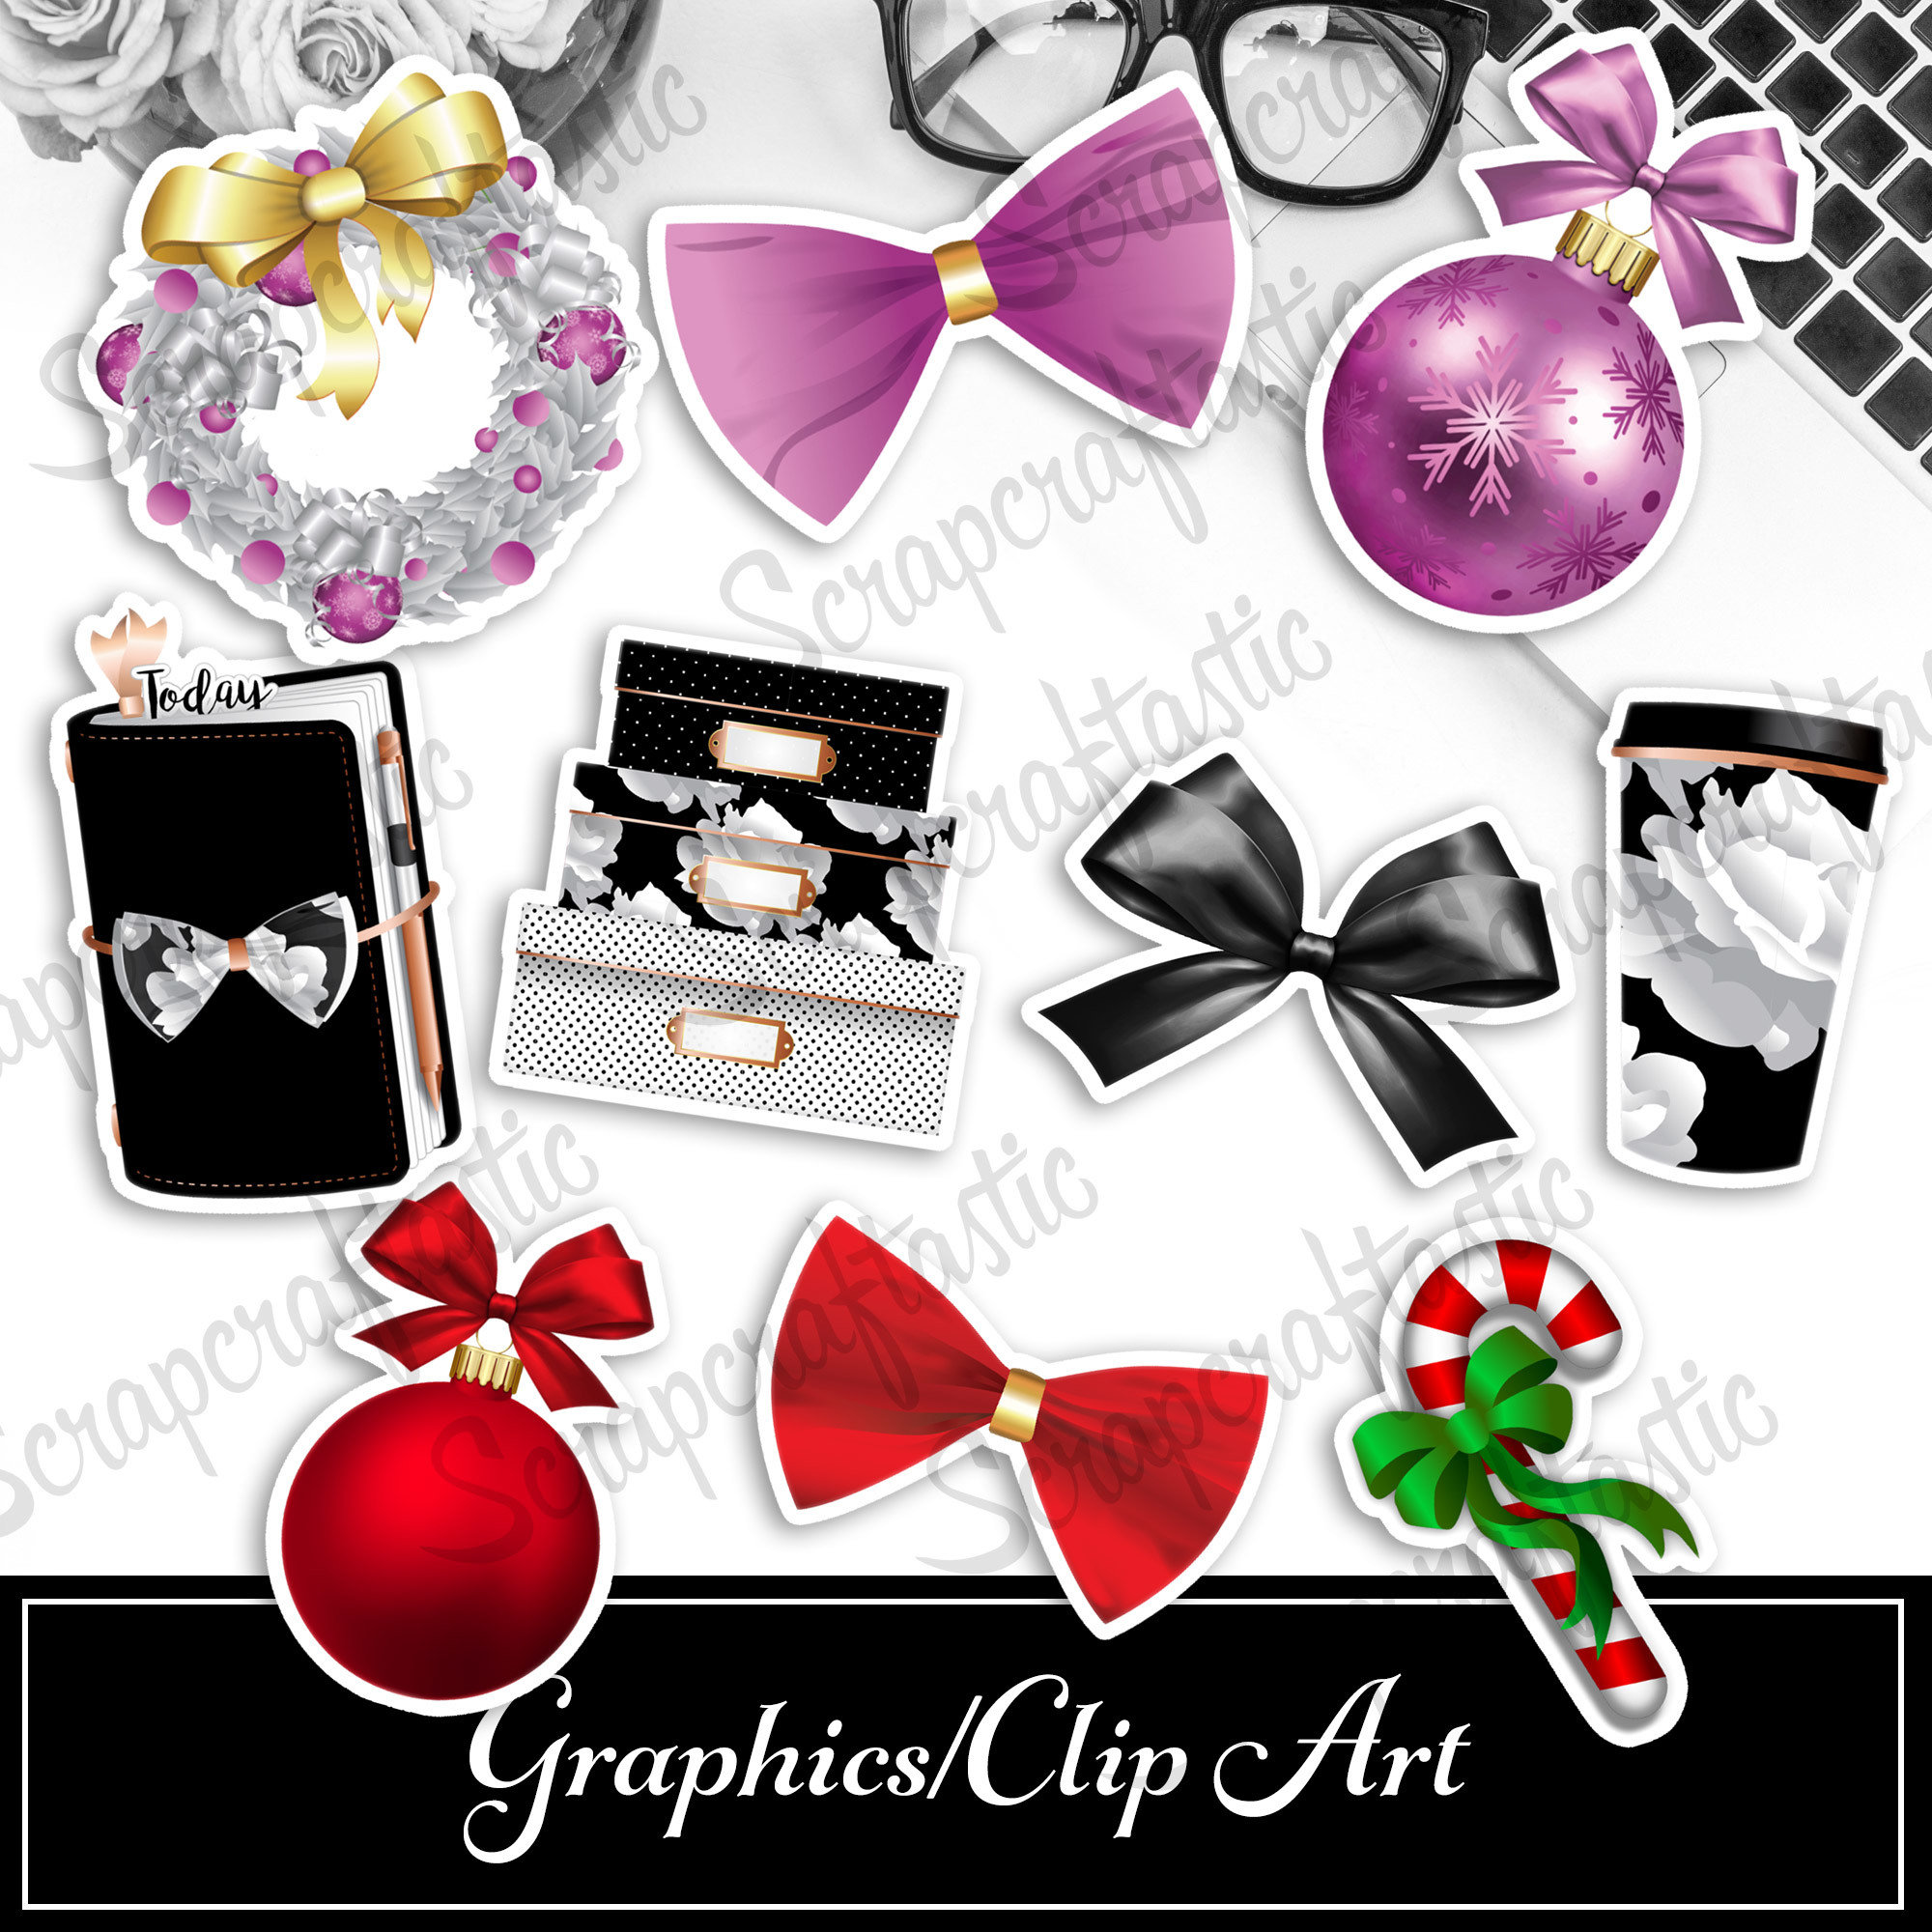 Black Friday, Christmas Reds, Christmas Pinks Digital and Printable Graphics / Clip Art Sets 20171207-01